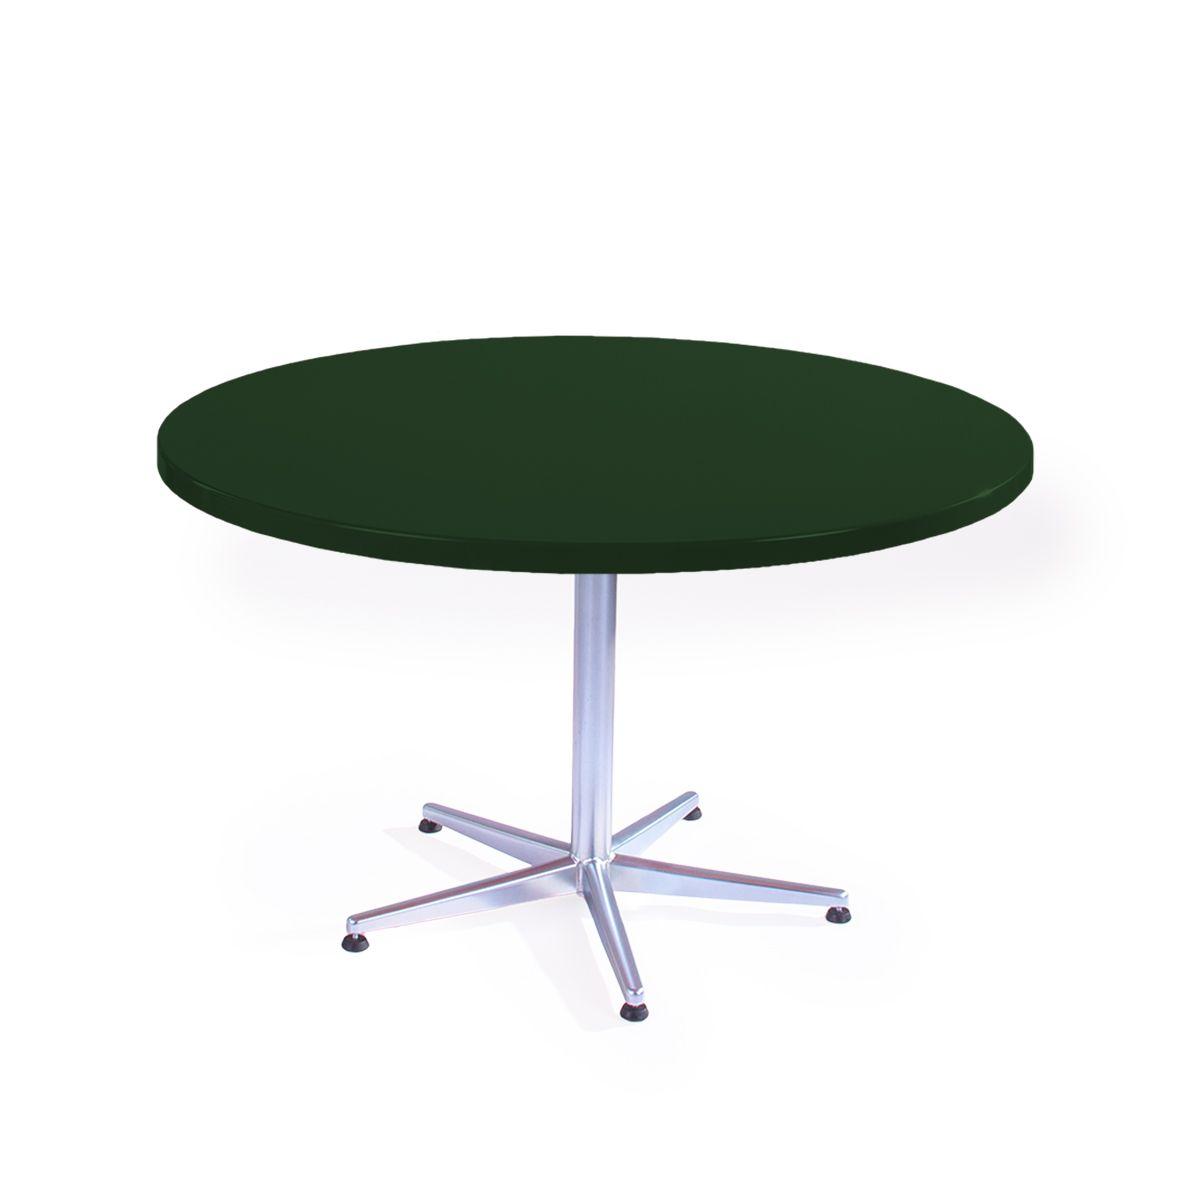 GFK Tisch tannengrün, glanz, Untergestell galvanisch, 5-Stern Basic, D 120 x 3.5 cm, H 73 cm